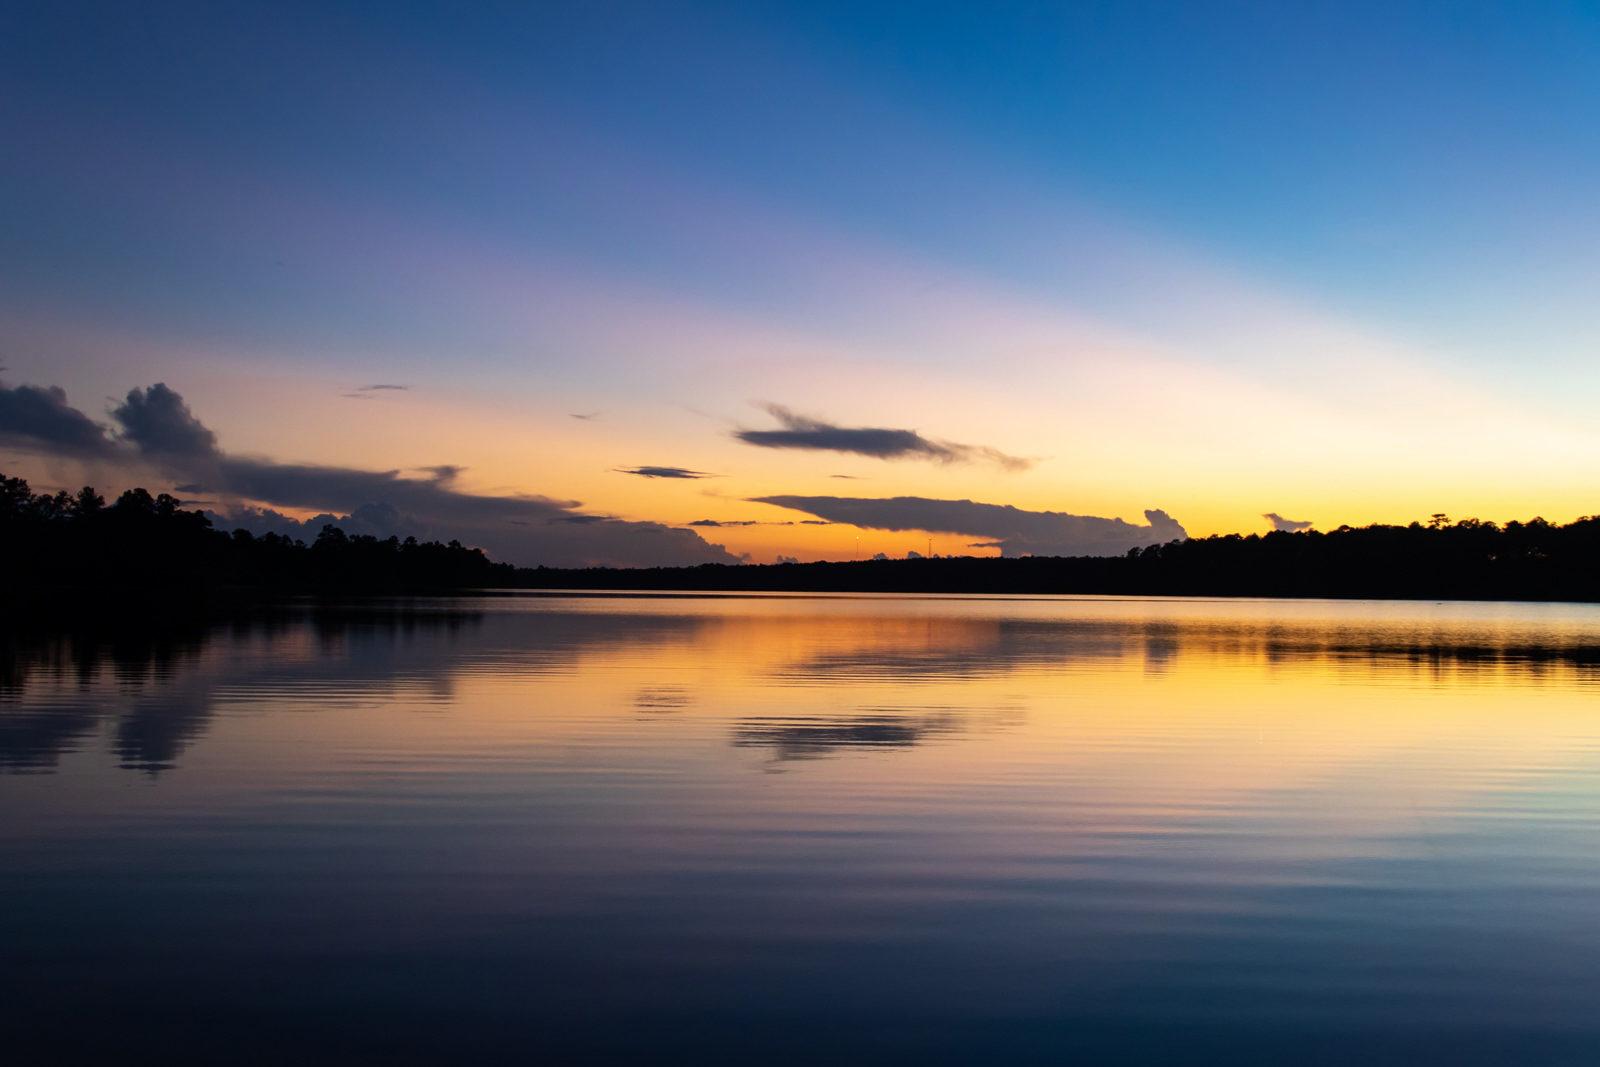 Sunset at Big Creek Lake in Semmes, AL